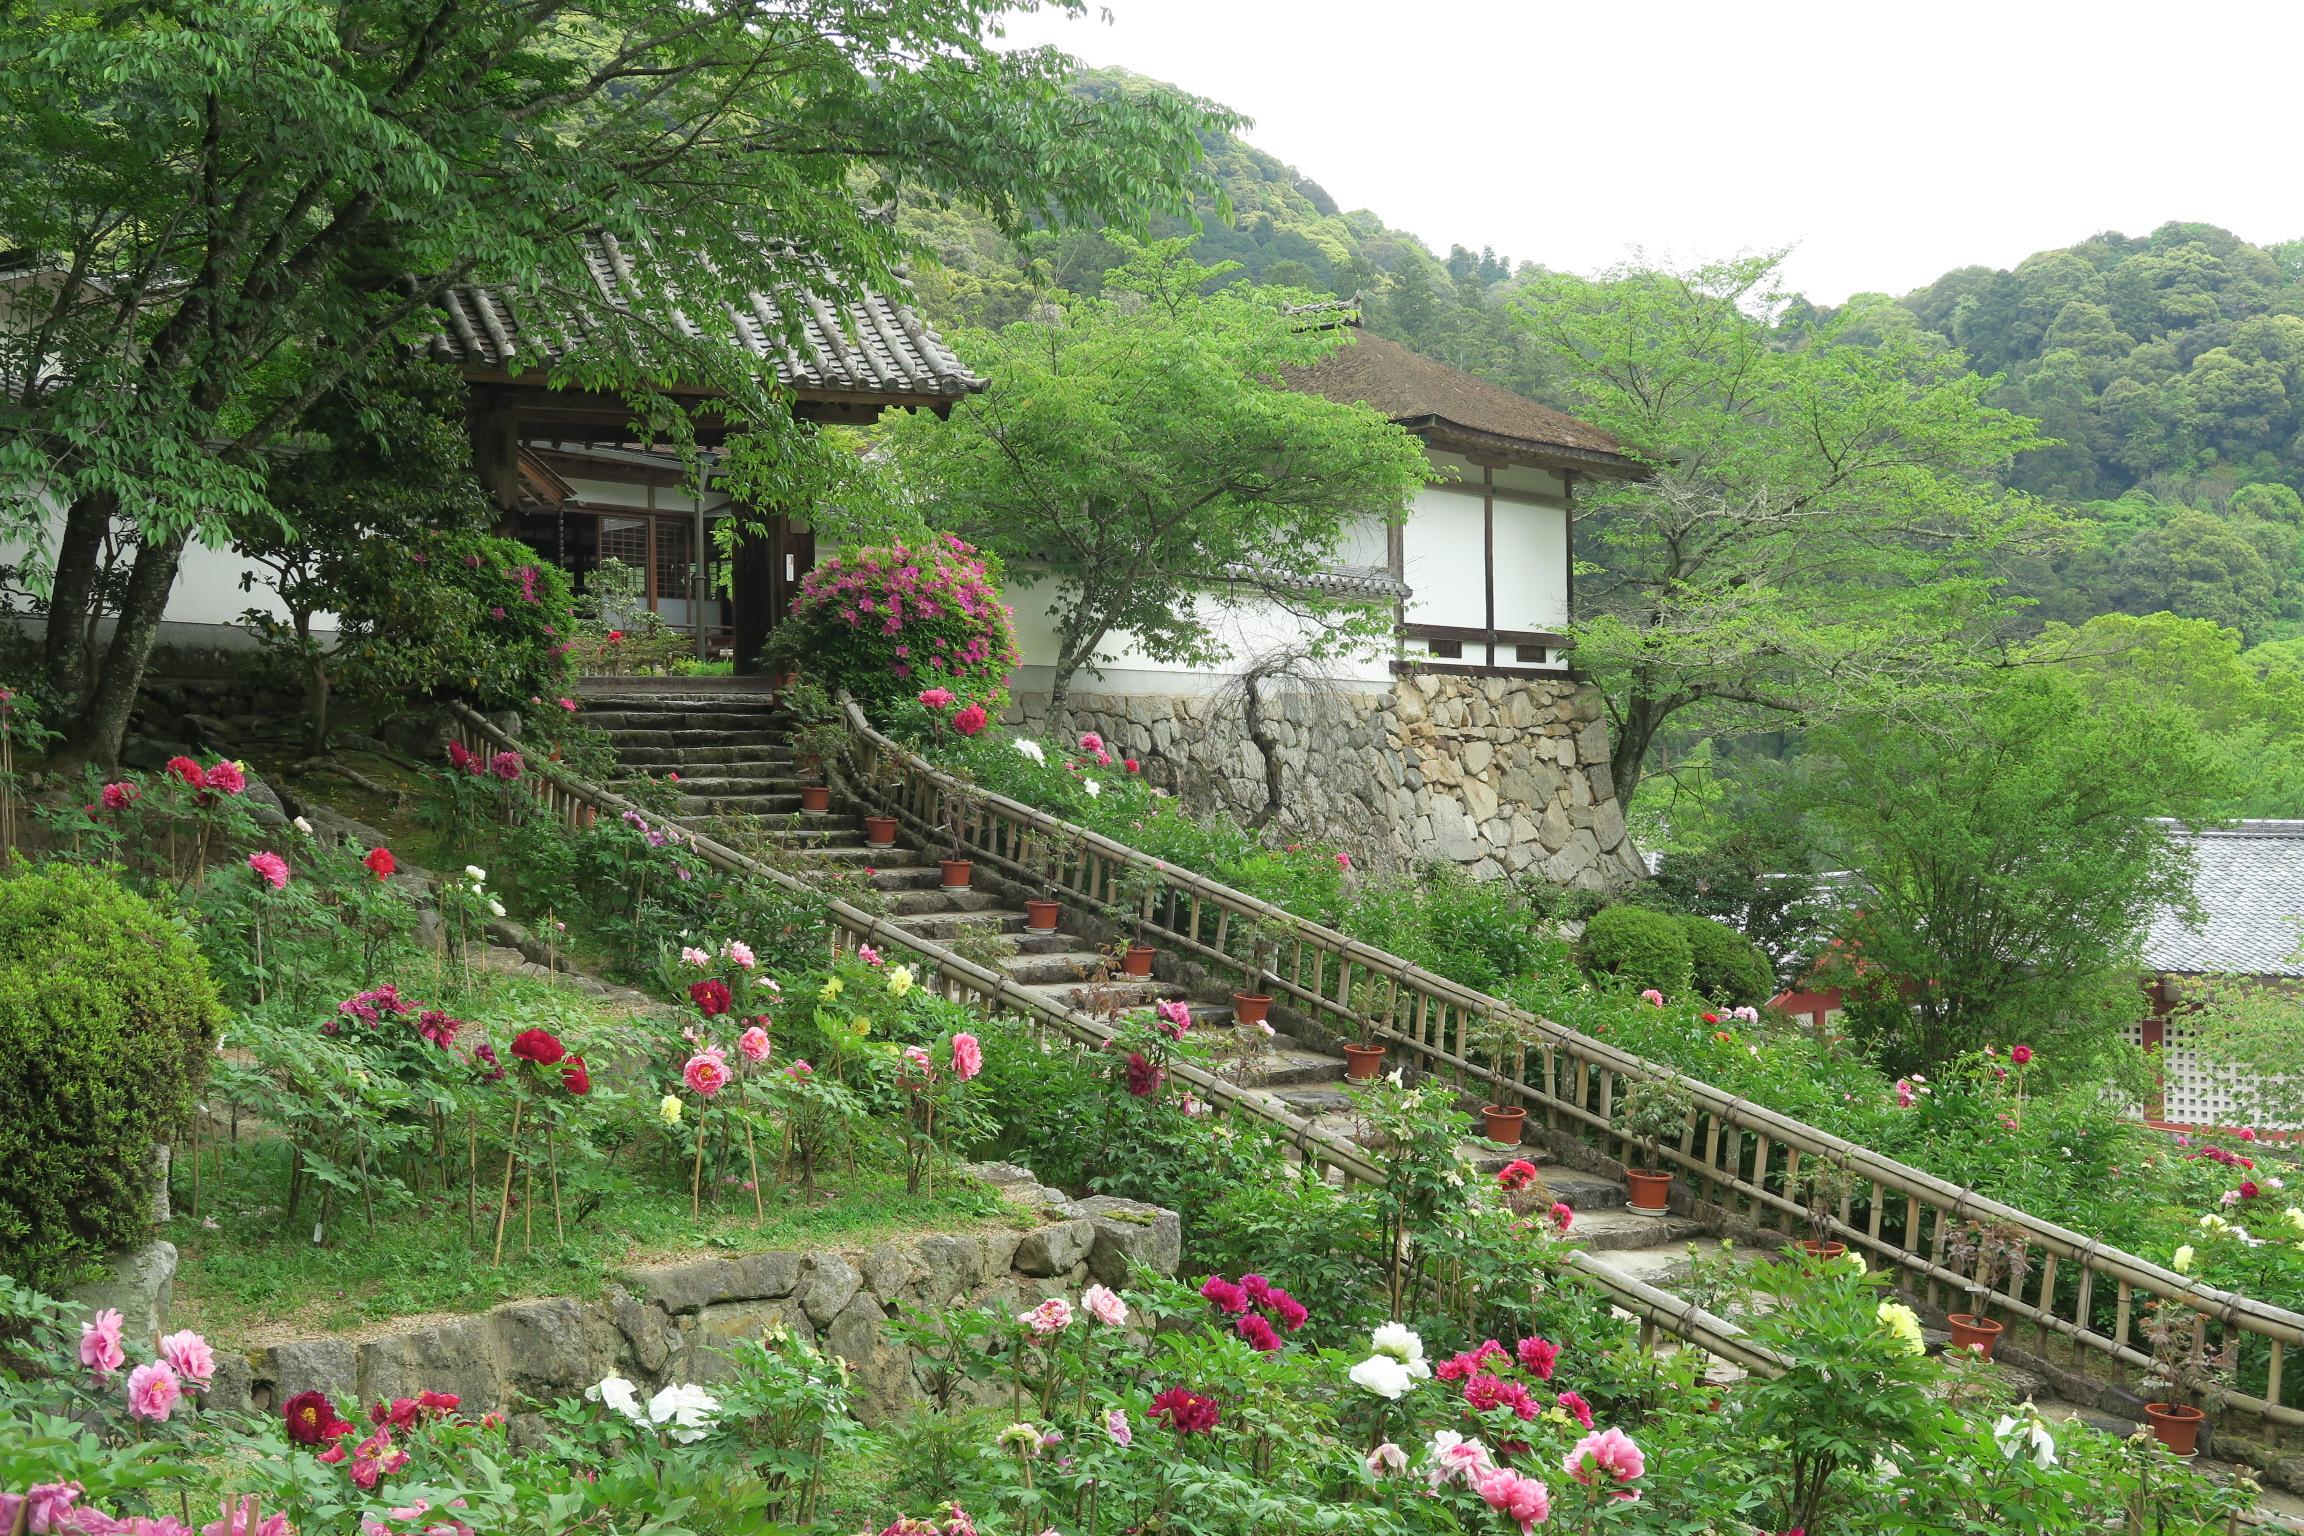 新緑に包まれたお茶処。石垣、階段、牡丹の花が調和してきれいですね。